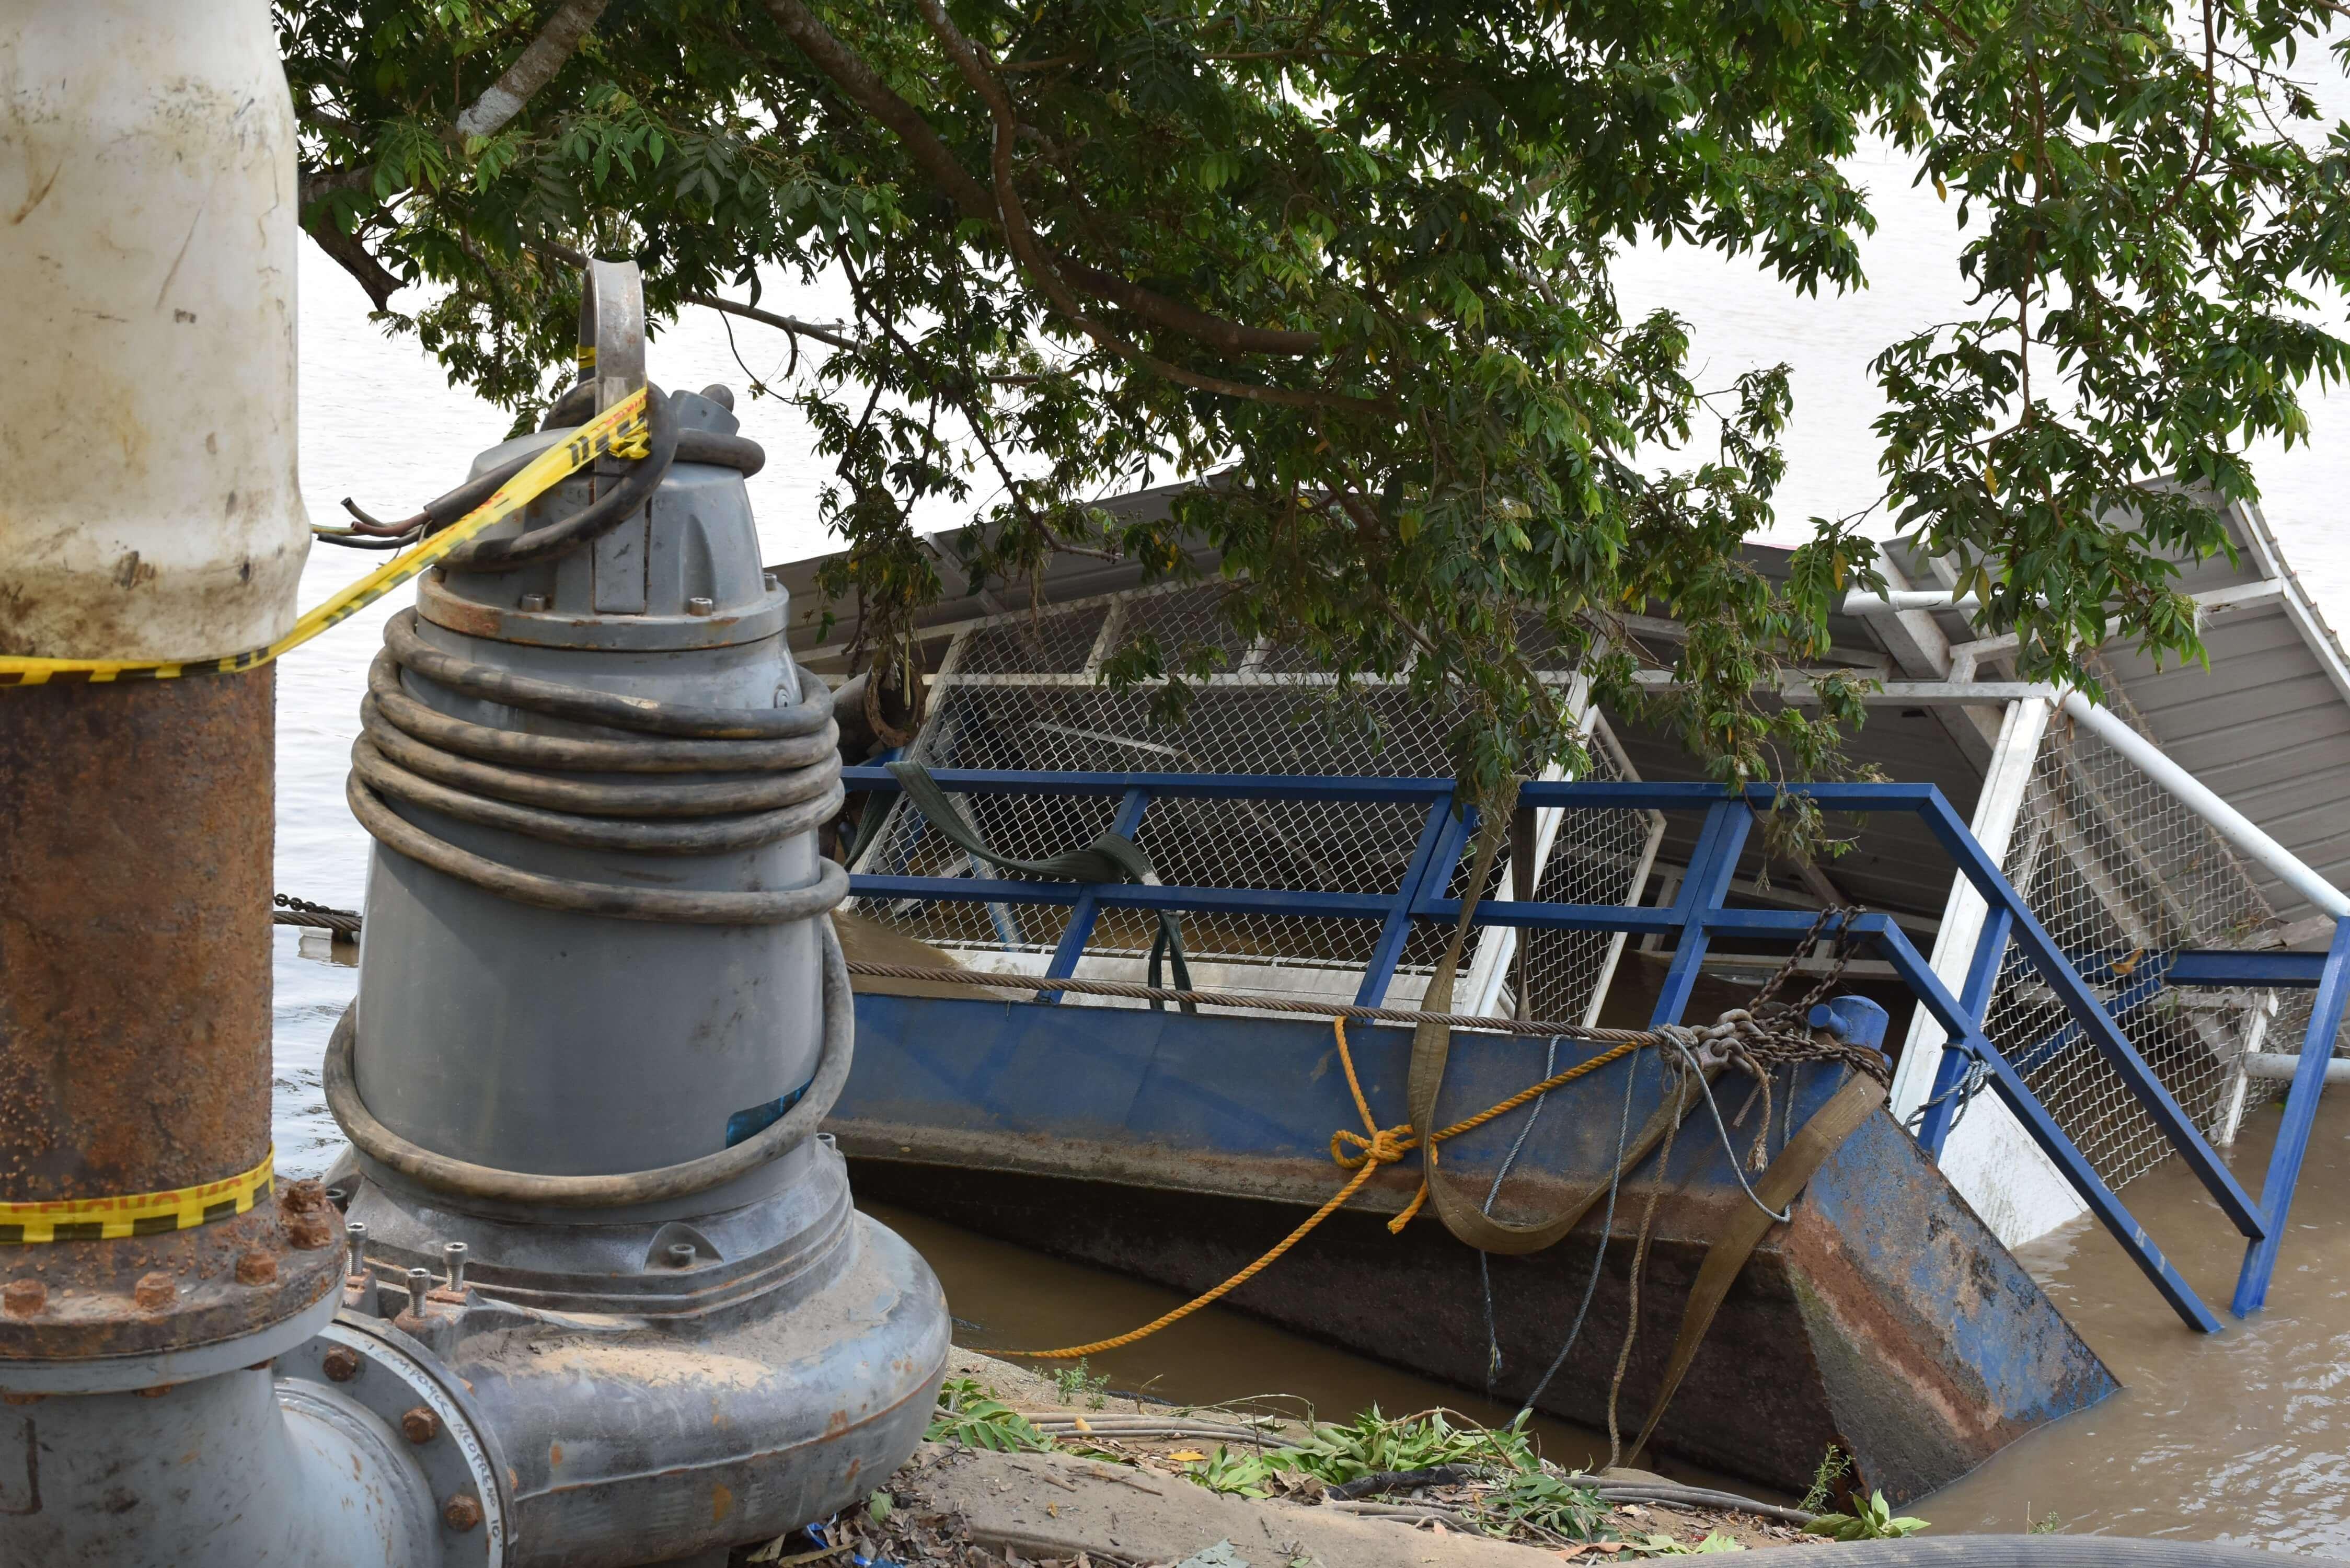 Señalizar la barcaza rescatada pide la comunidad del sector. Algunos en la noche han estado a punto de chocar con la infraestructura.